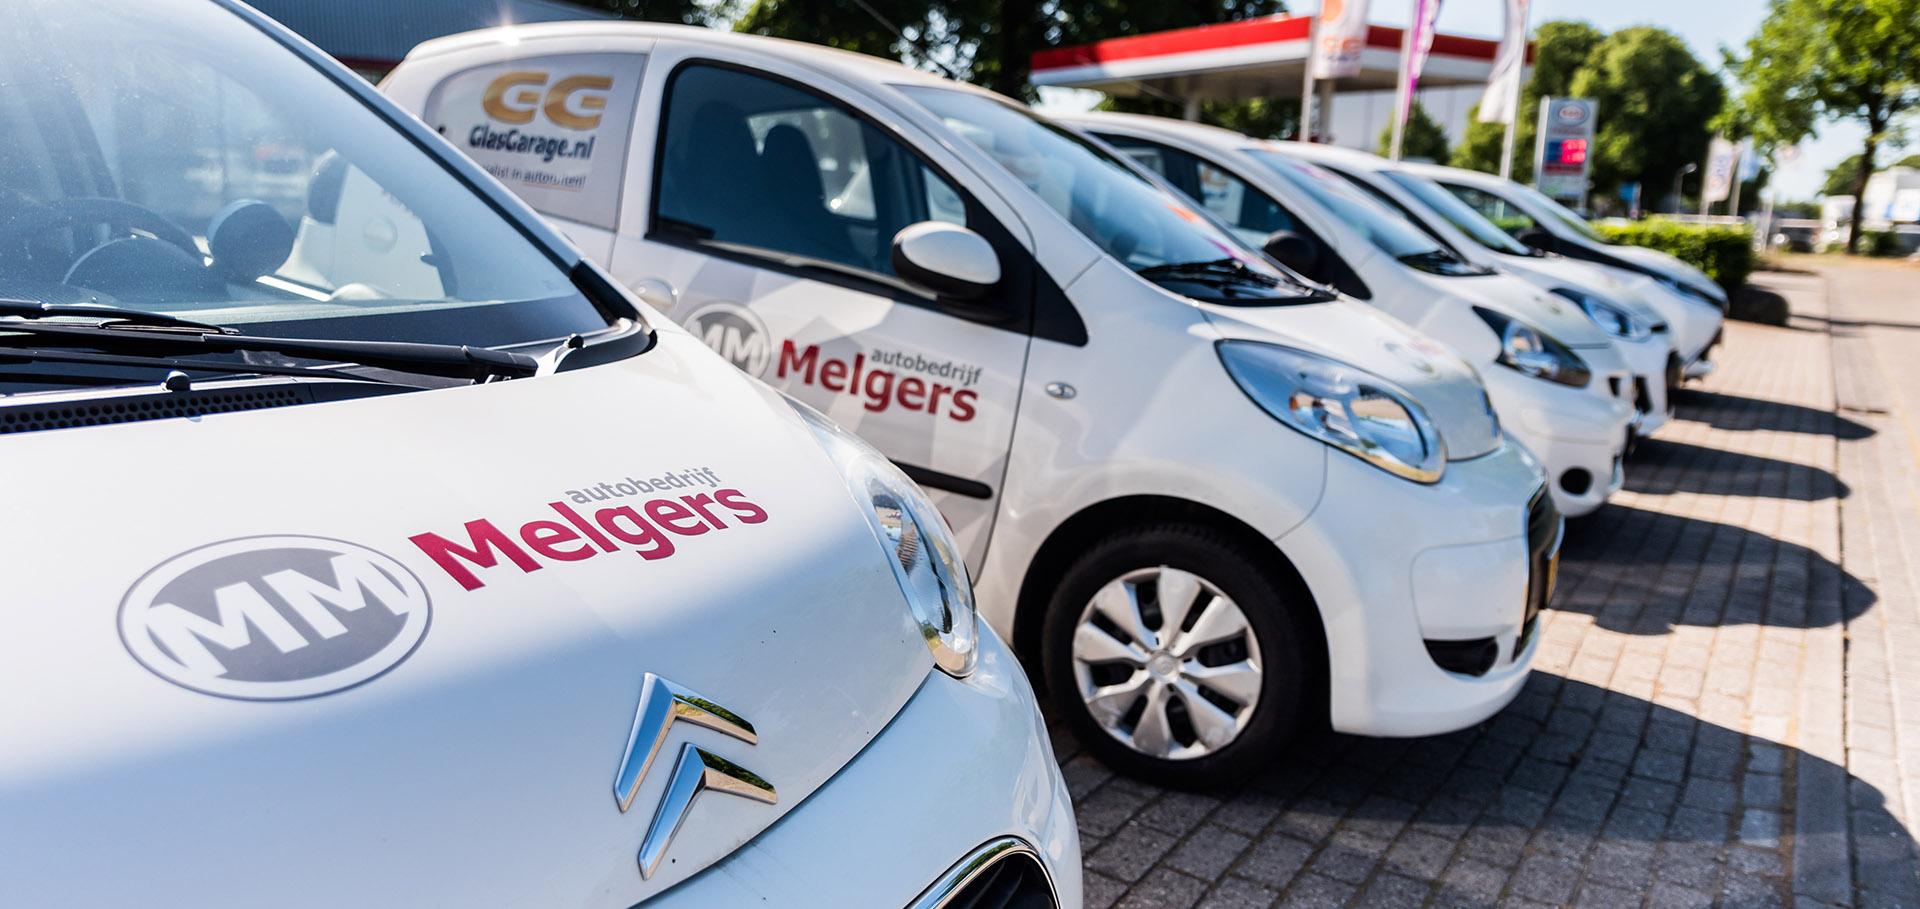 Leenauto's autobedrijf Melgers